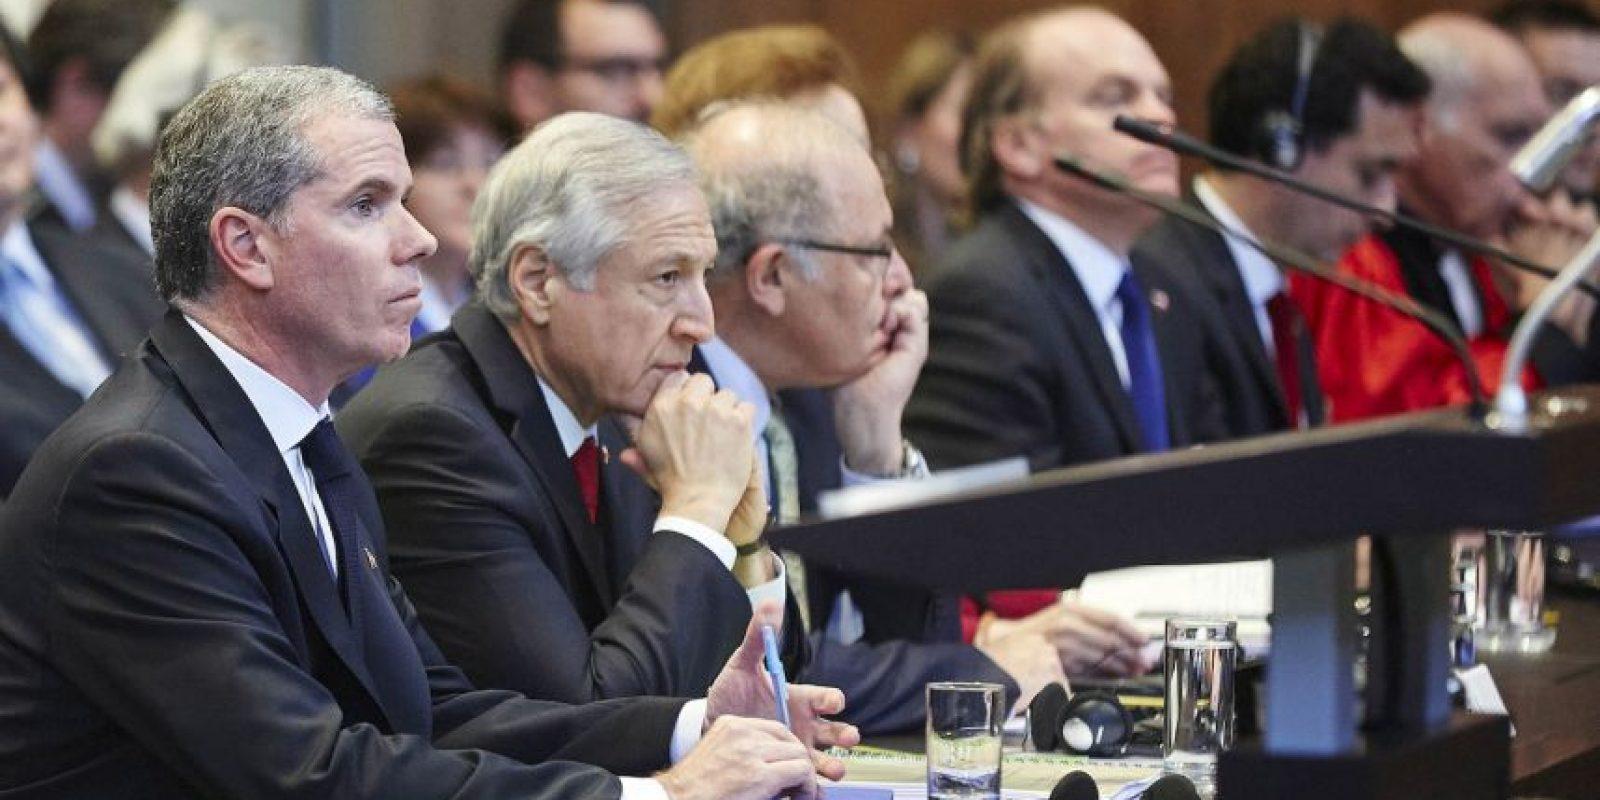 Escenario uno: La corte acoge el alegato chileno y se declara incompetente en el tema. De ser así, esta demanda llegaría a su fin. Foto:AP